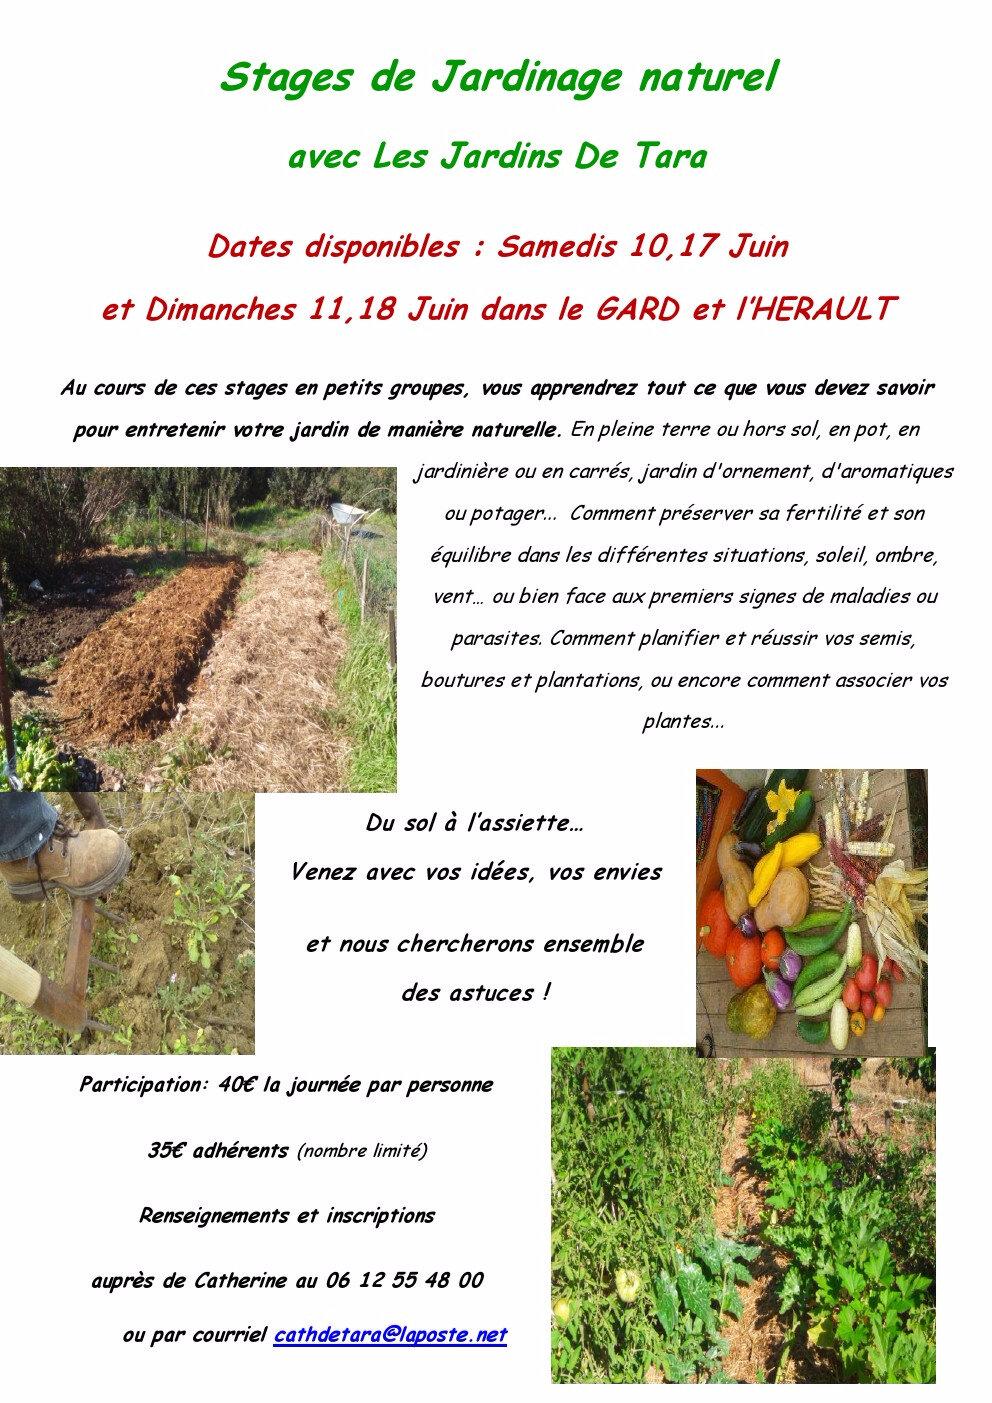 Prochaines dates disponibles pour les stages de jardinage naturel avec Les Jardins De Tara dans le Gard et l'Hérault !